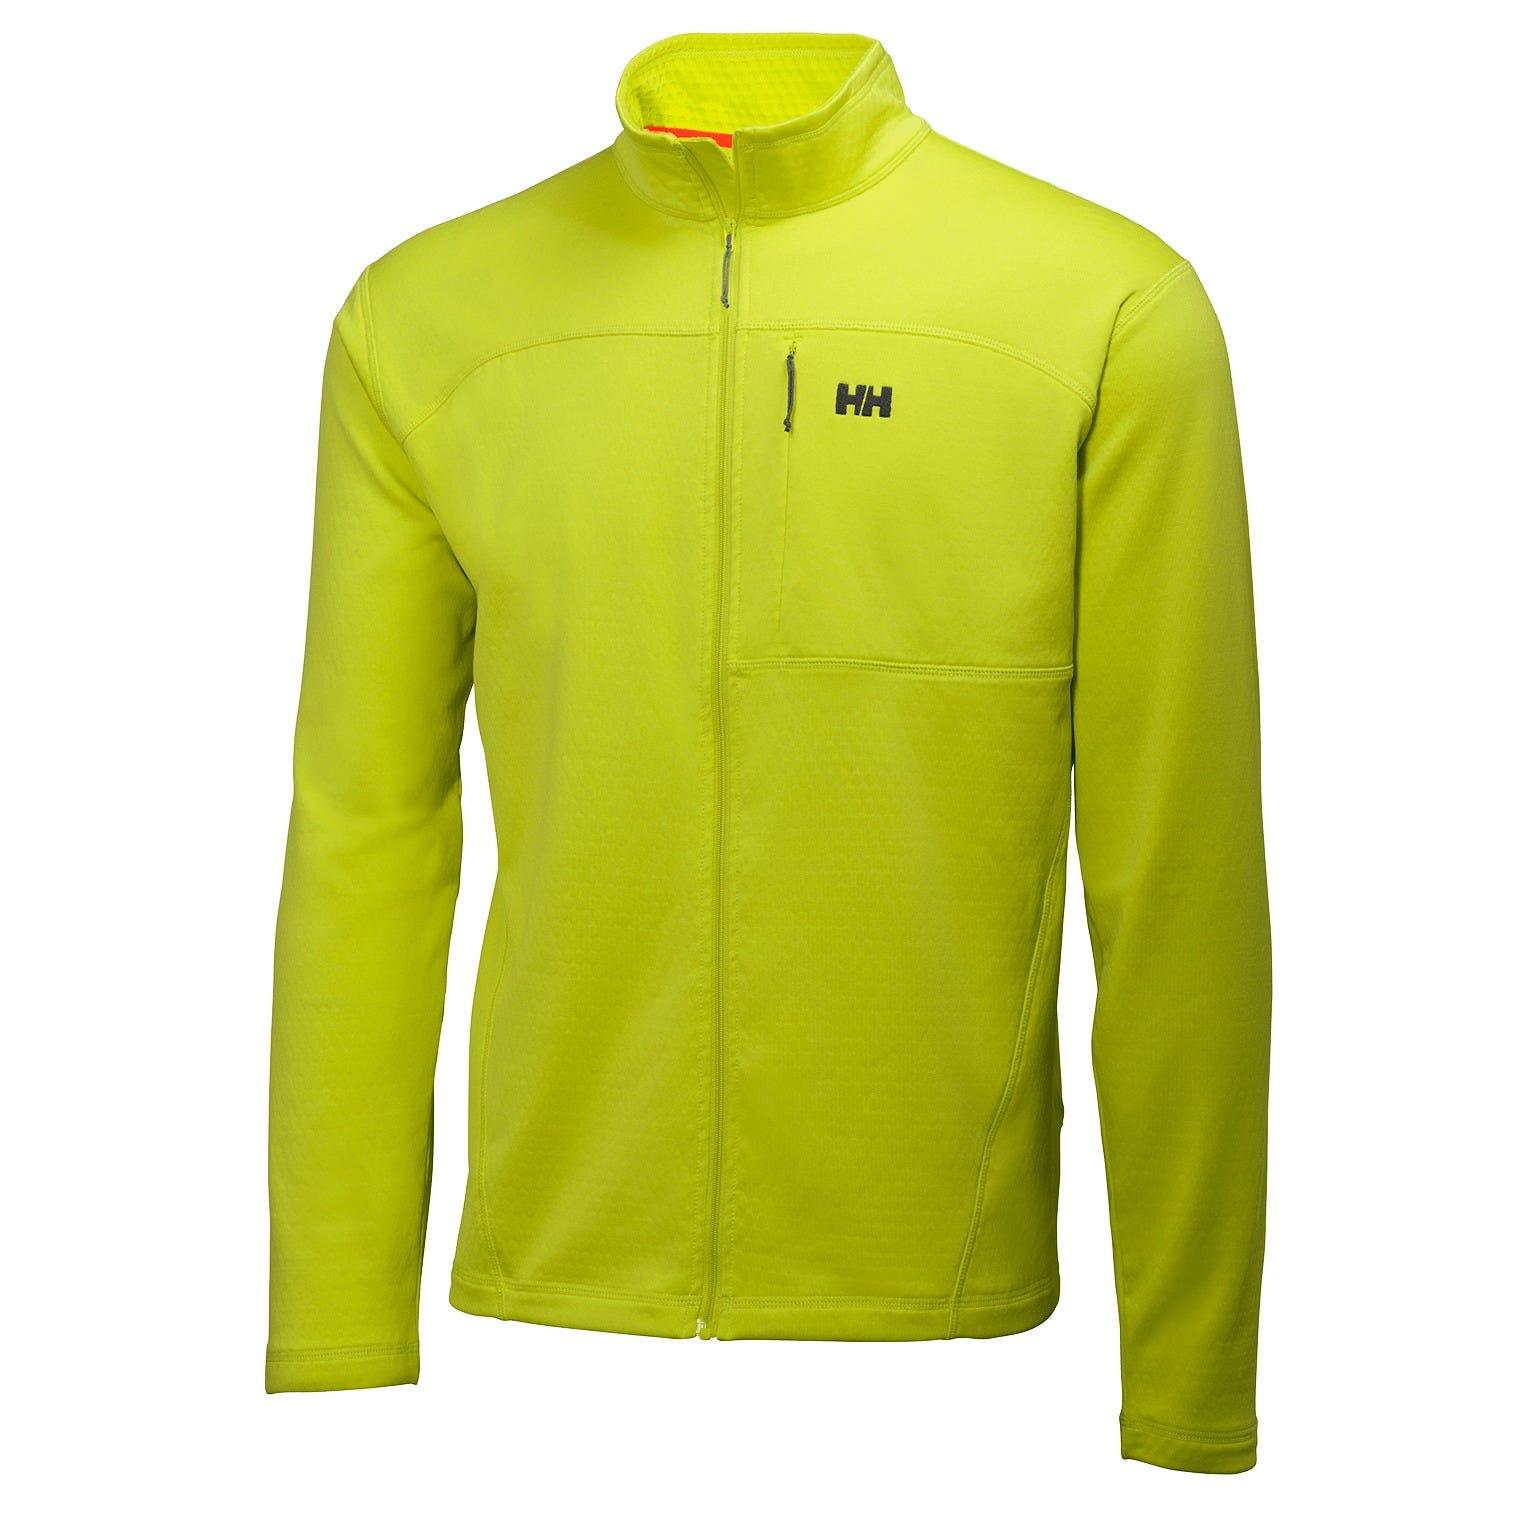 Helly Hansen Vertex Stretch Midlayer Fleece Yellow